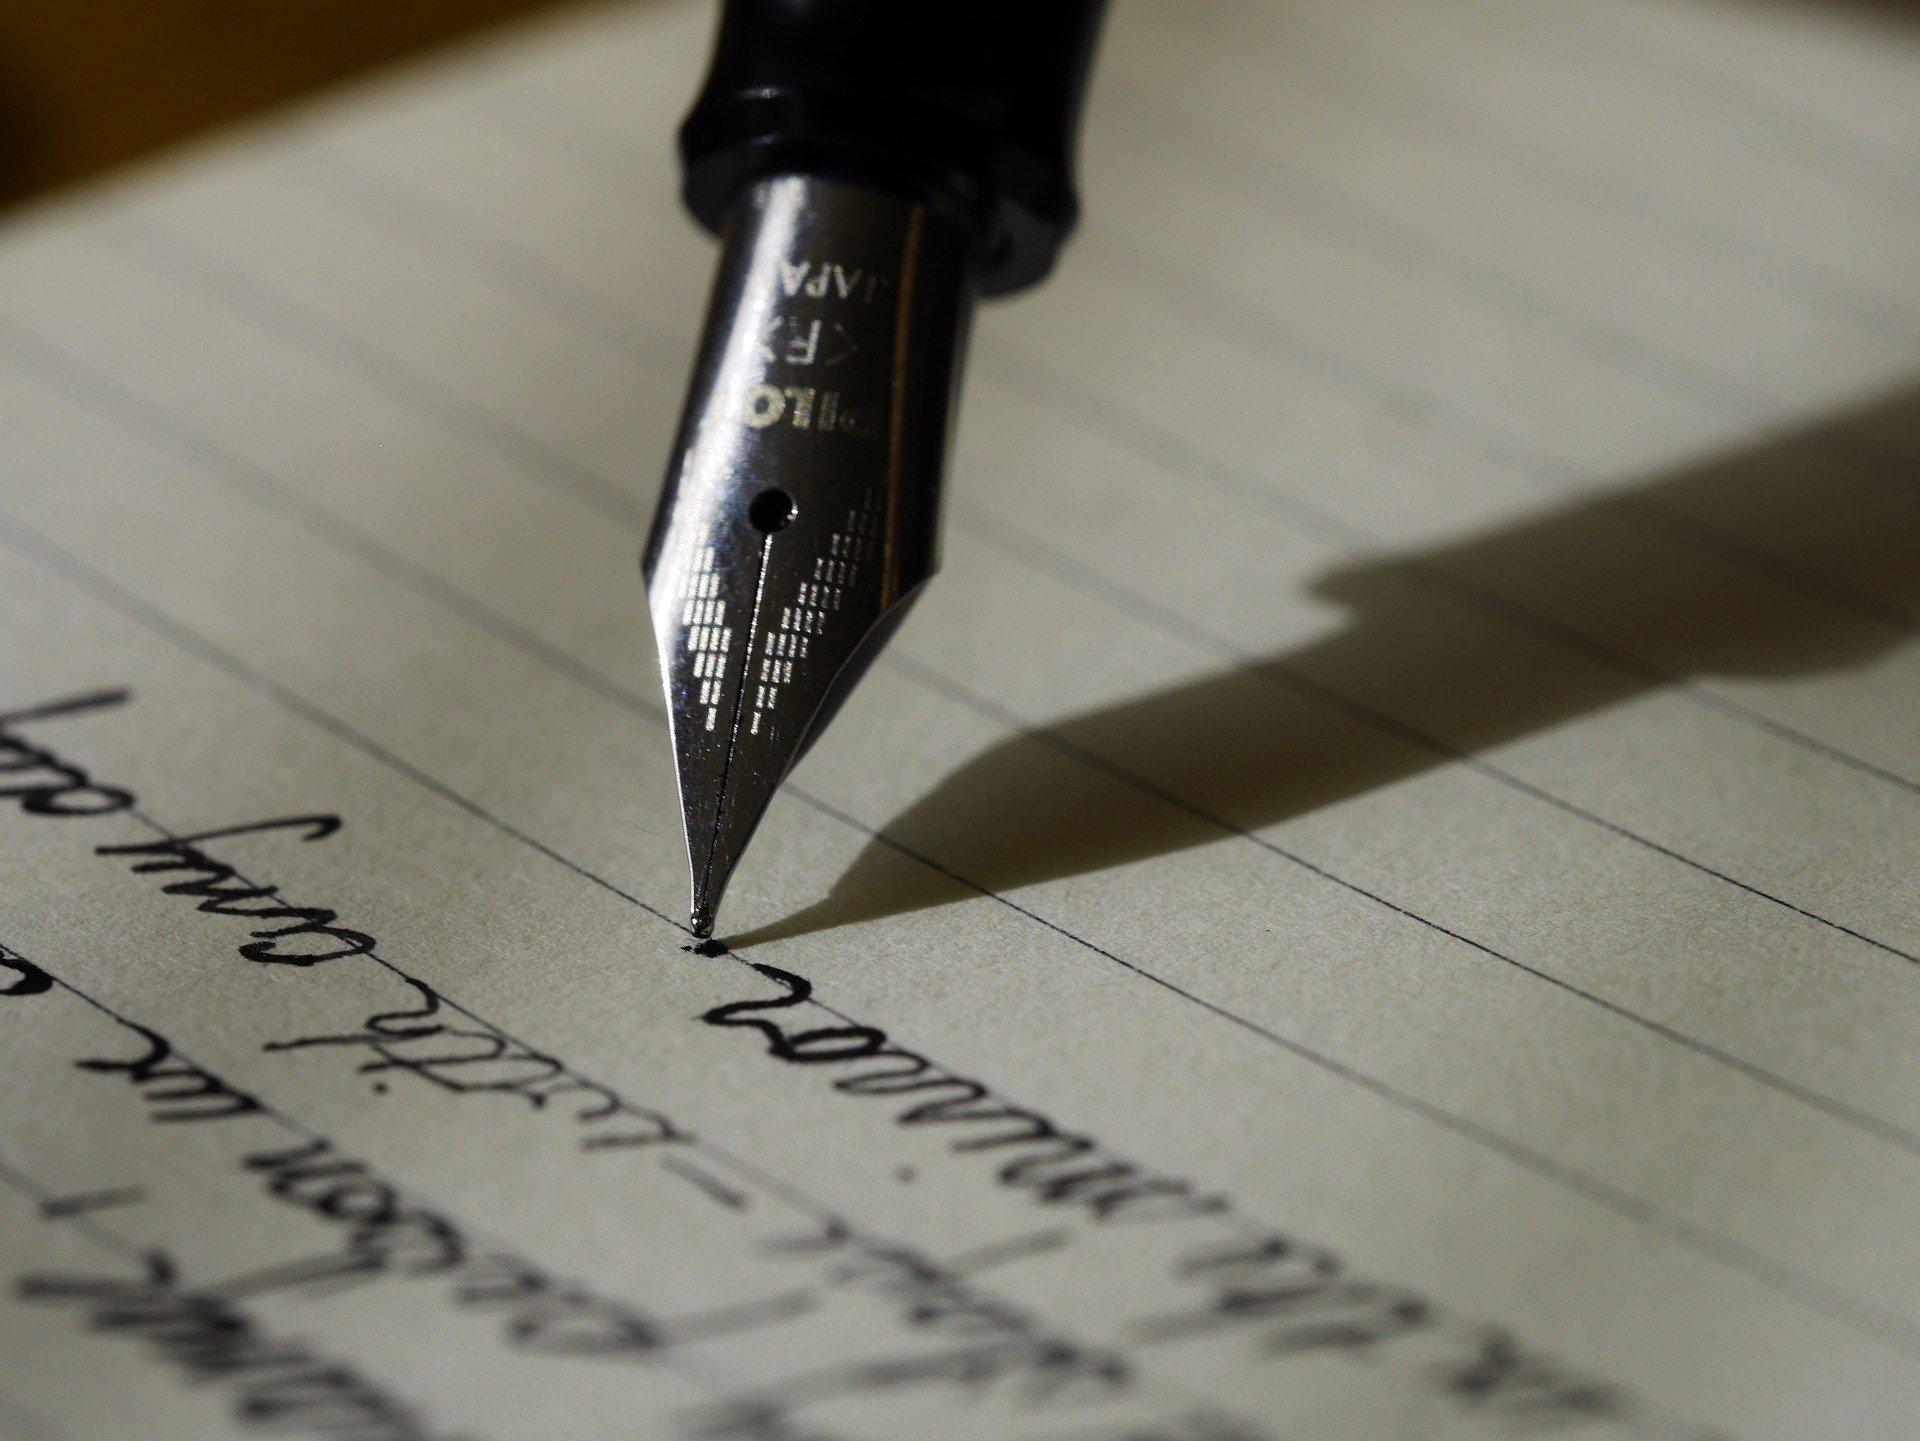 Pisanie piórem po kartce papieru.